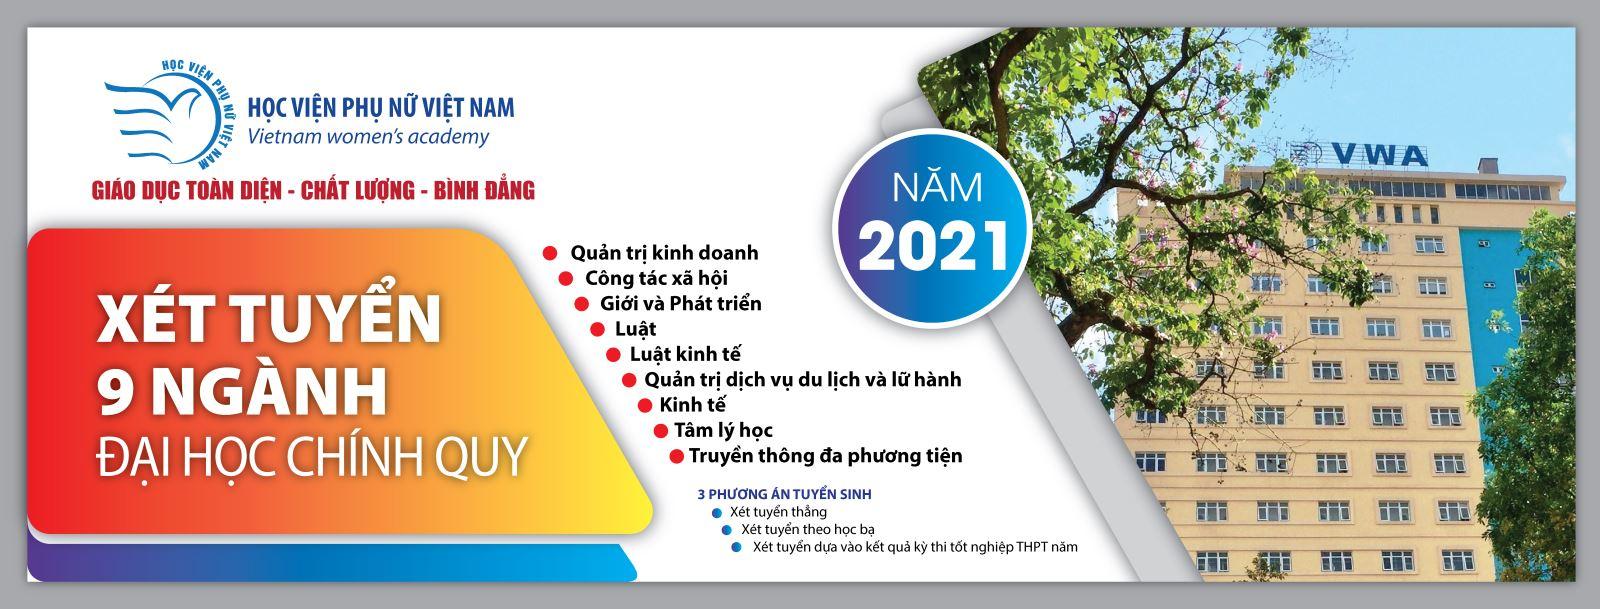 Học viện Phụ nữ Việt Nam tăng chỉ tiêu tuyển sinh năm 2021